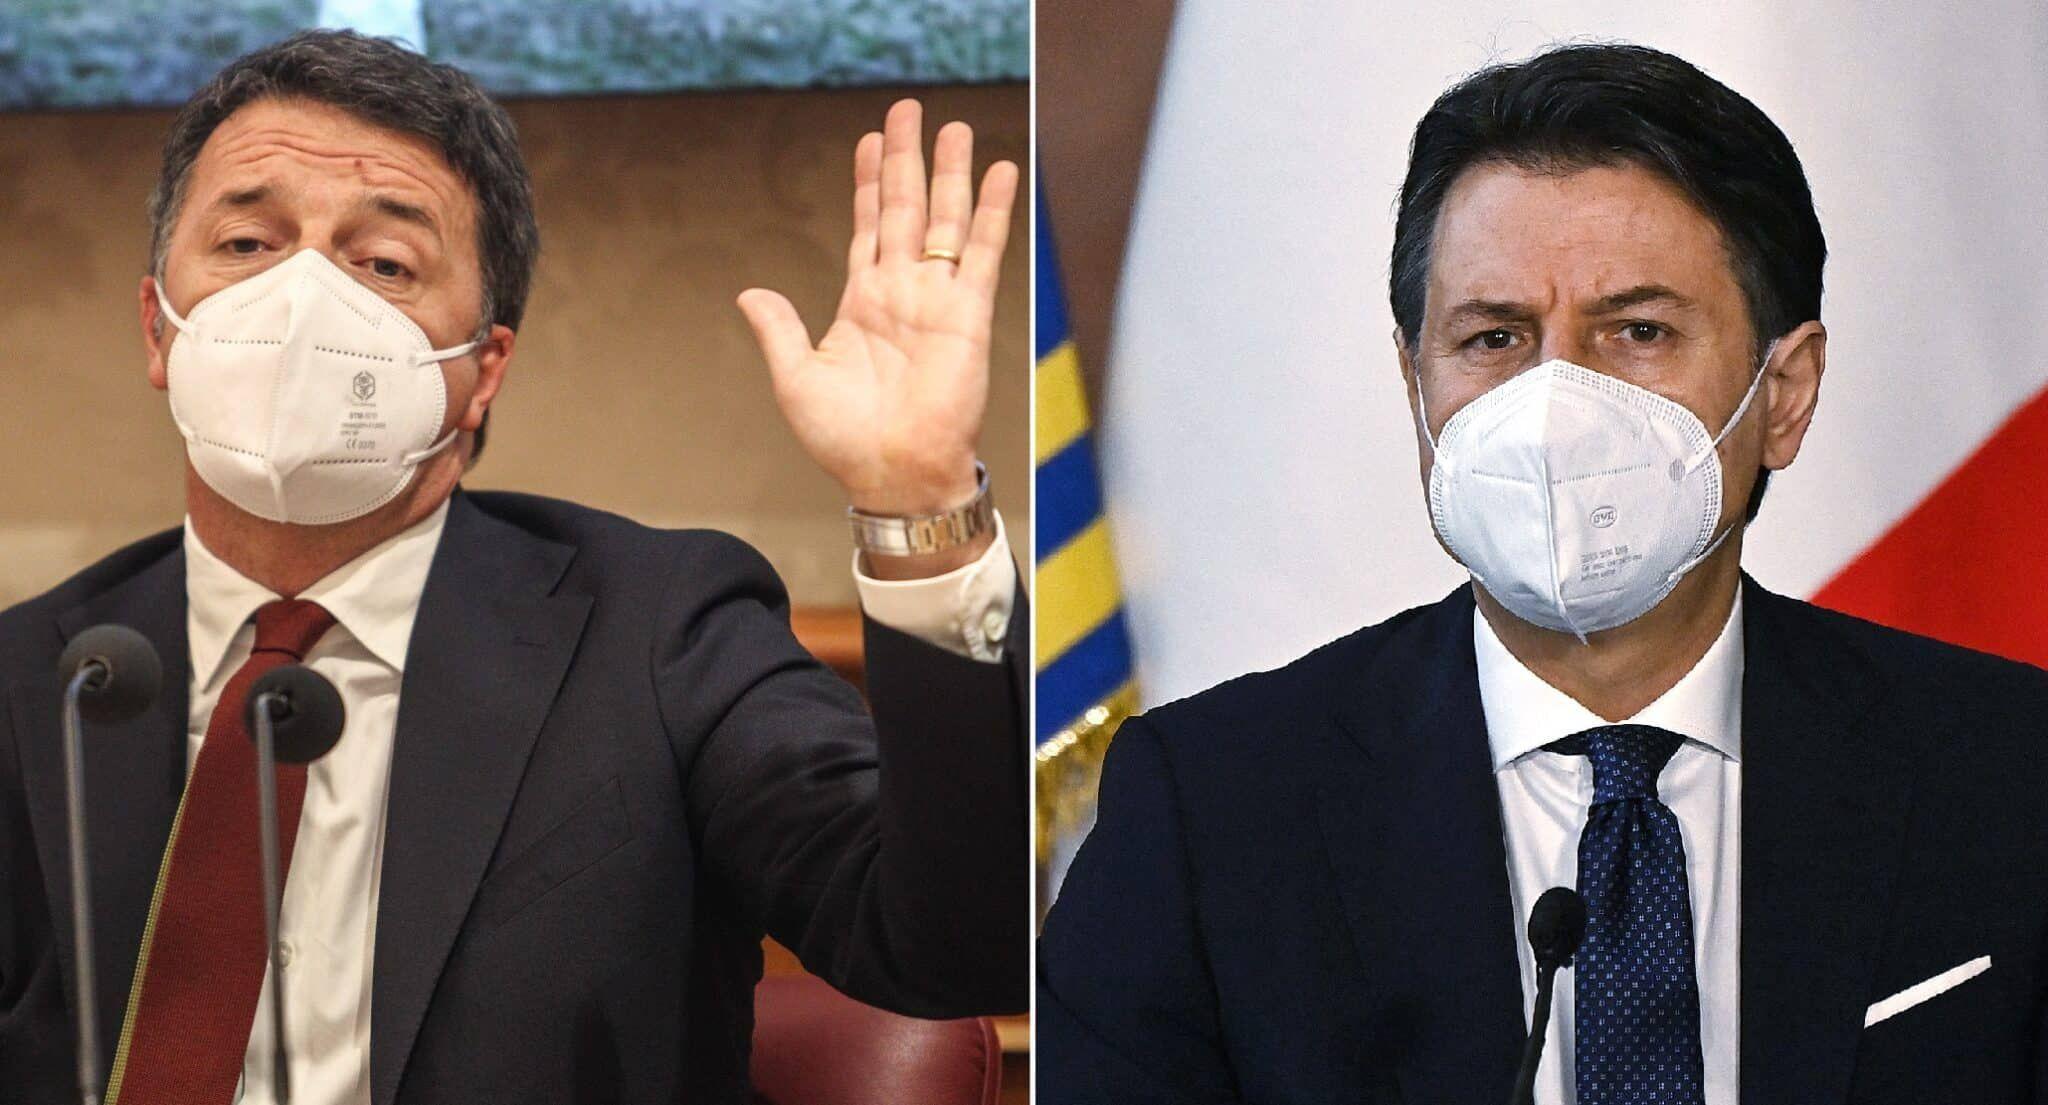 Crisi di Governo: tutte le novità dopo la conferenza di Matteo Renzi